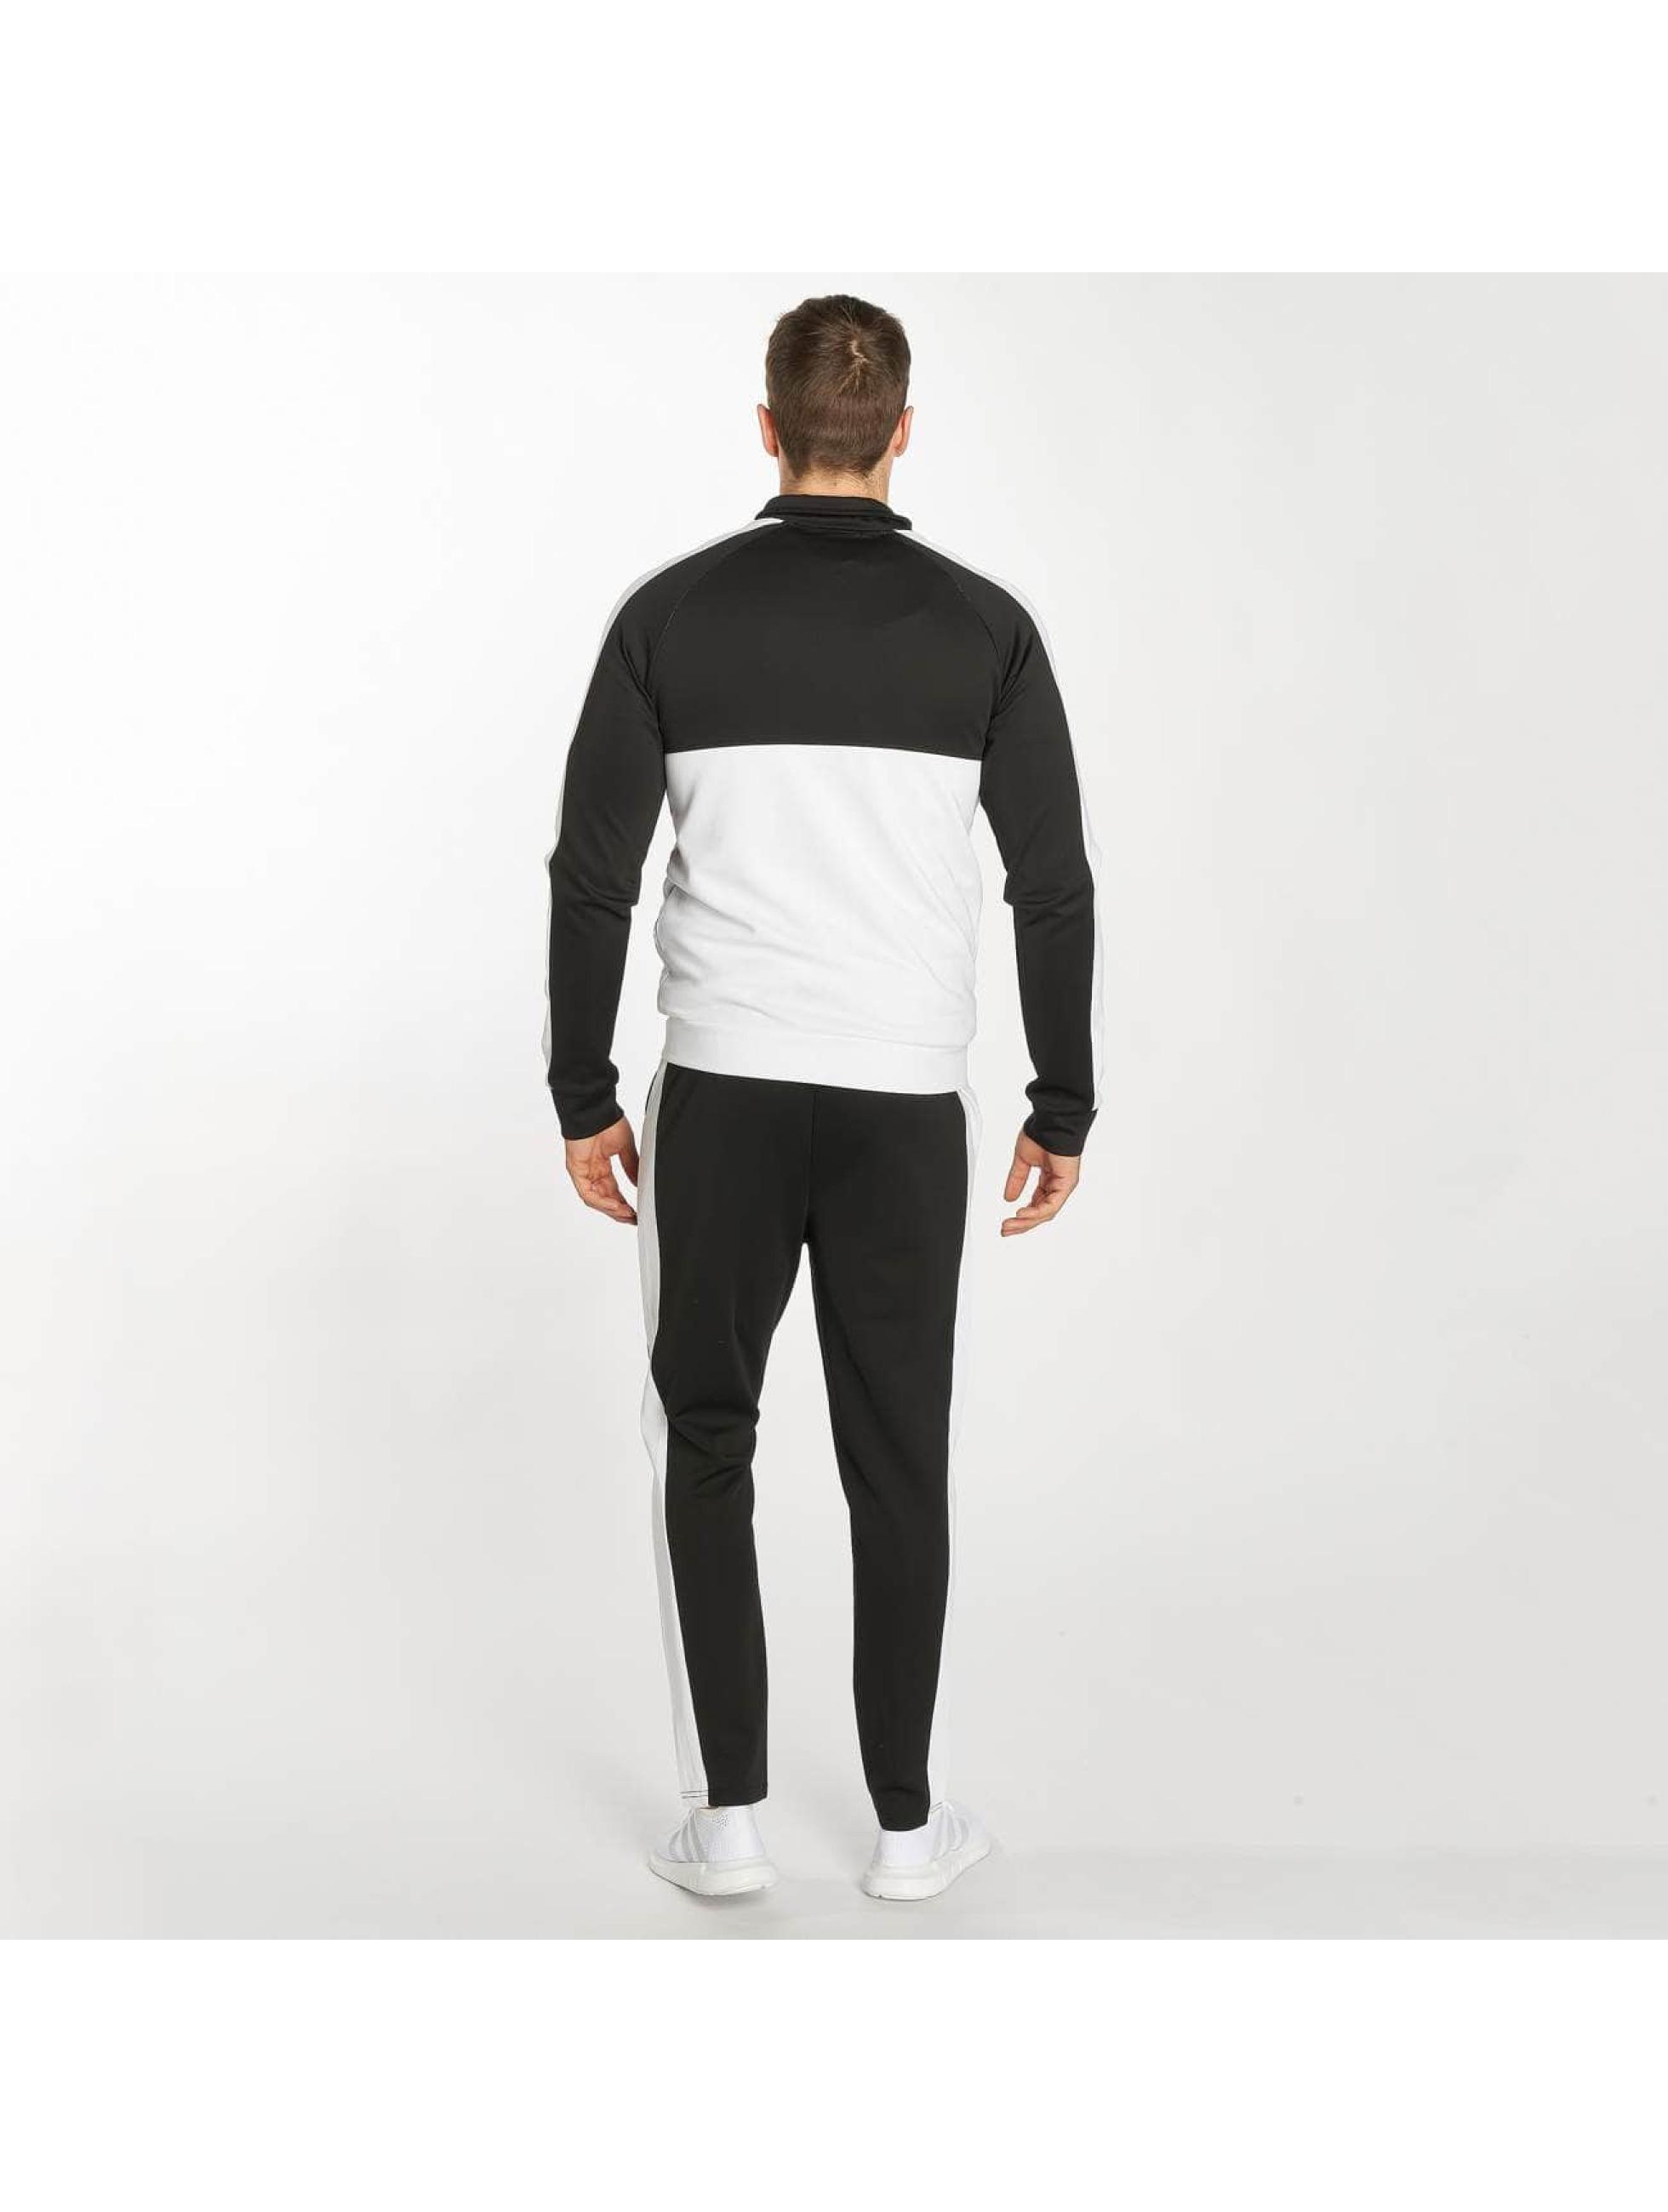 Zayne Paris Спортивные костюмы Two-Tone черный